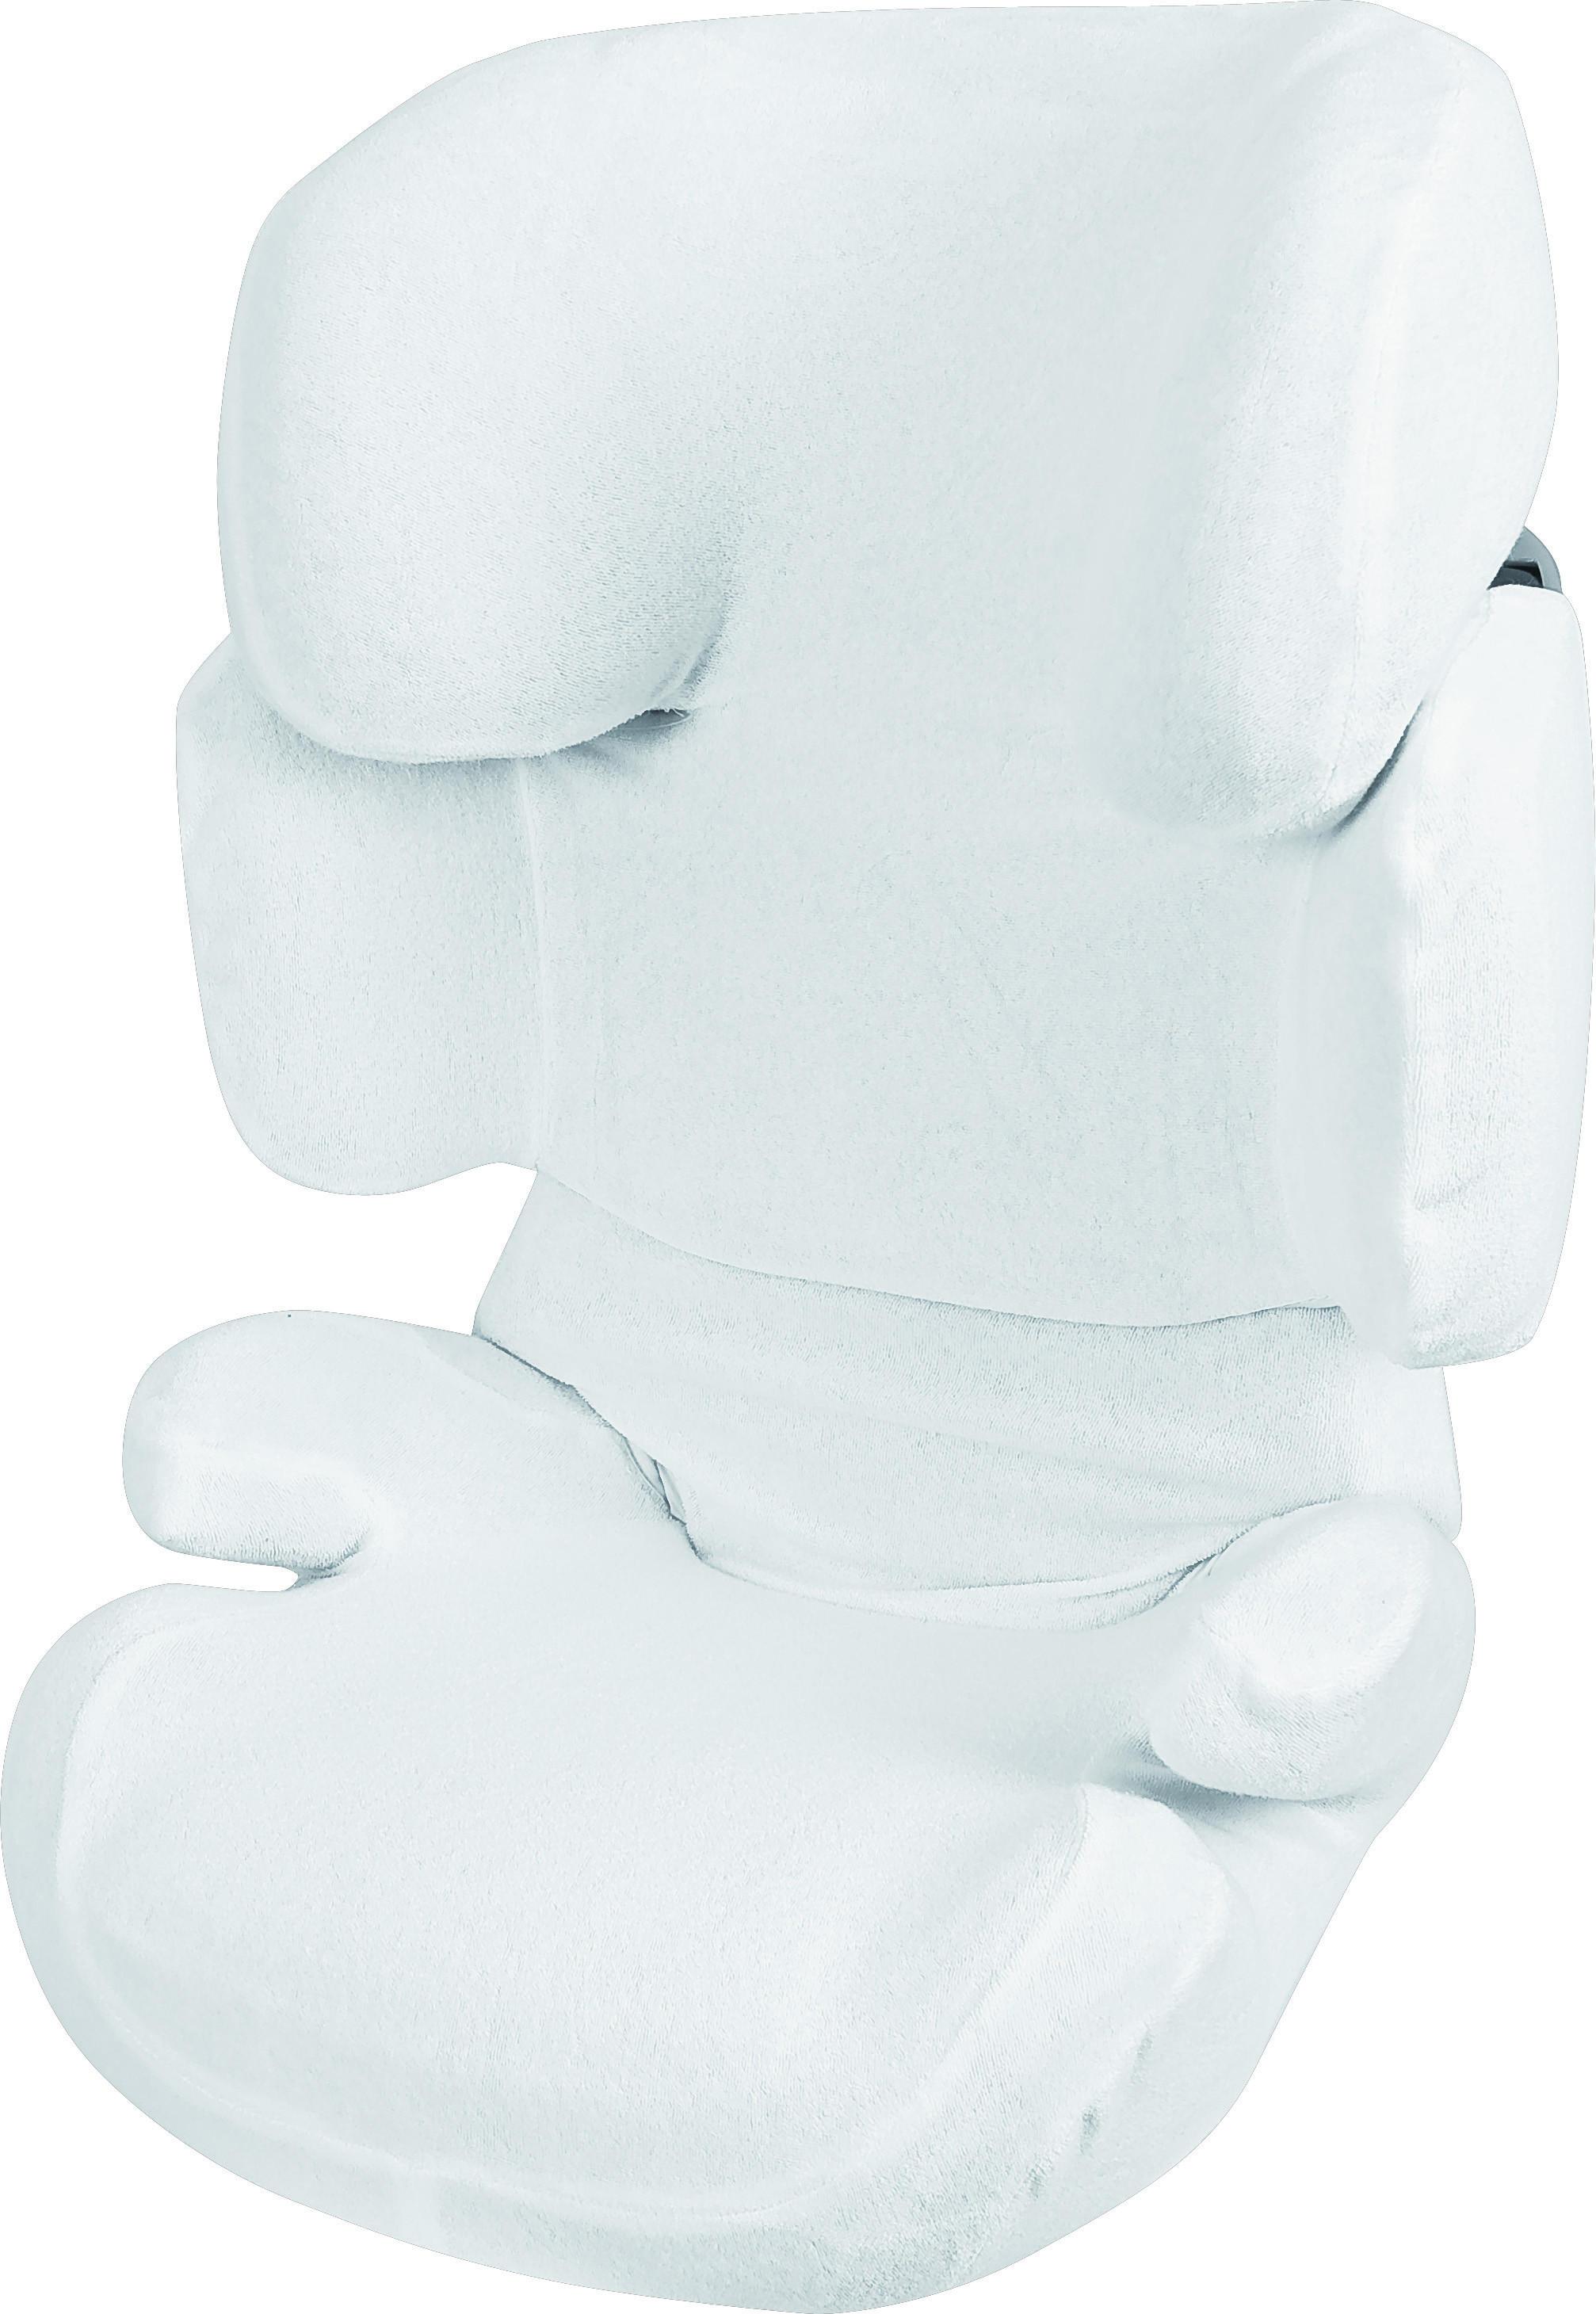 NAVLAKA LJETNA - bijela, tekstil